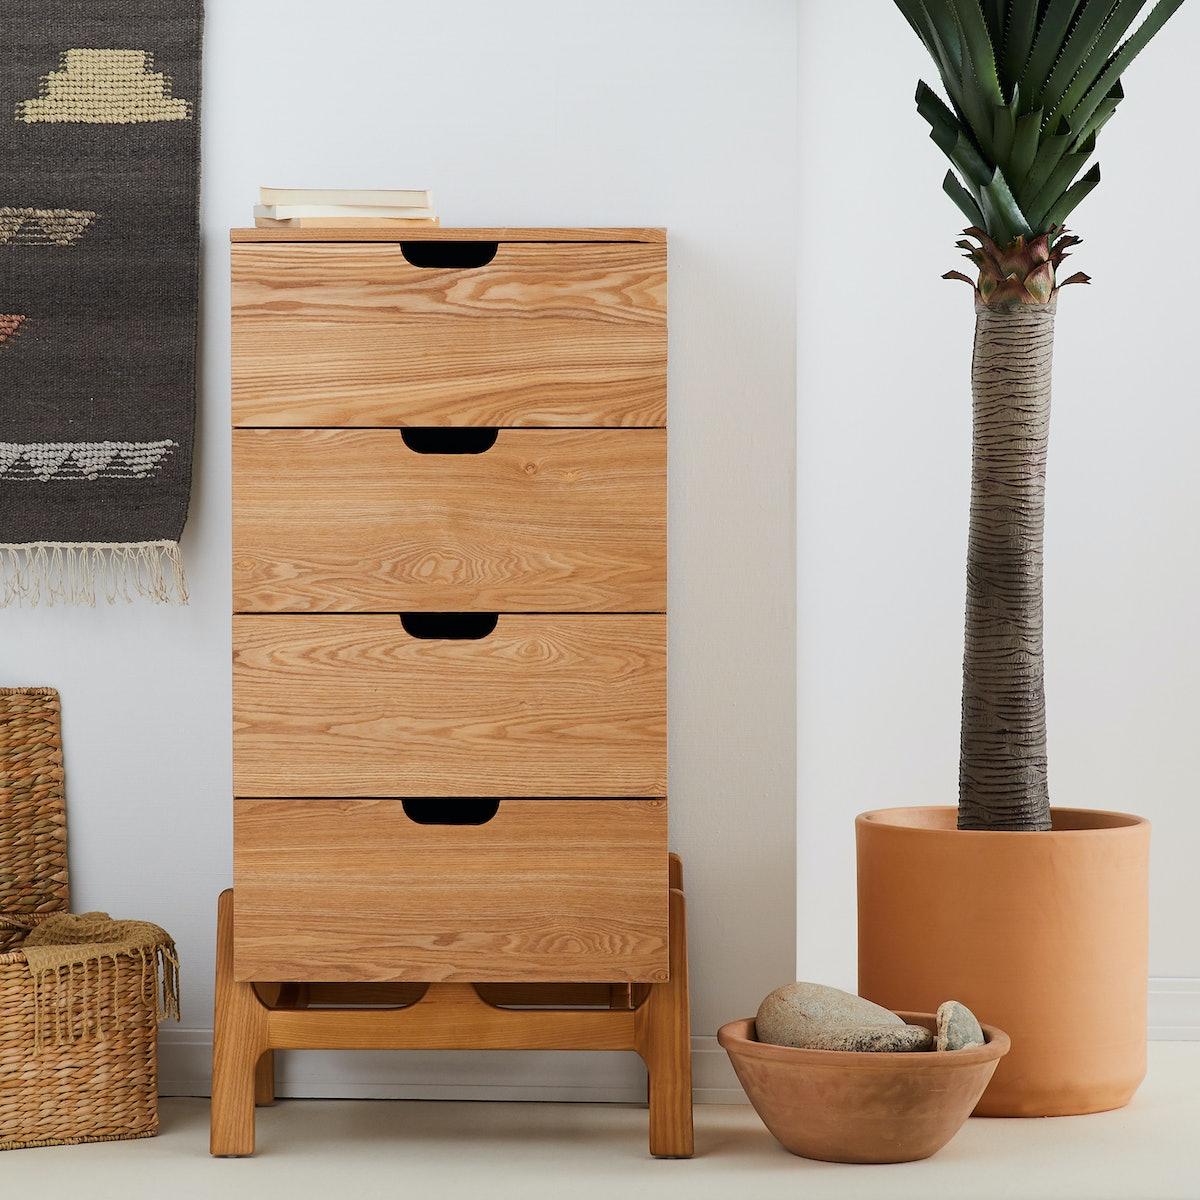 MoDRN Naturals Milo 4 Drawer Tall Dresser